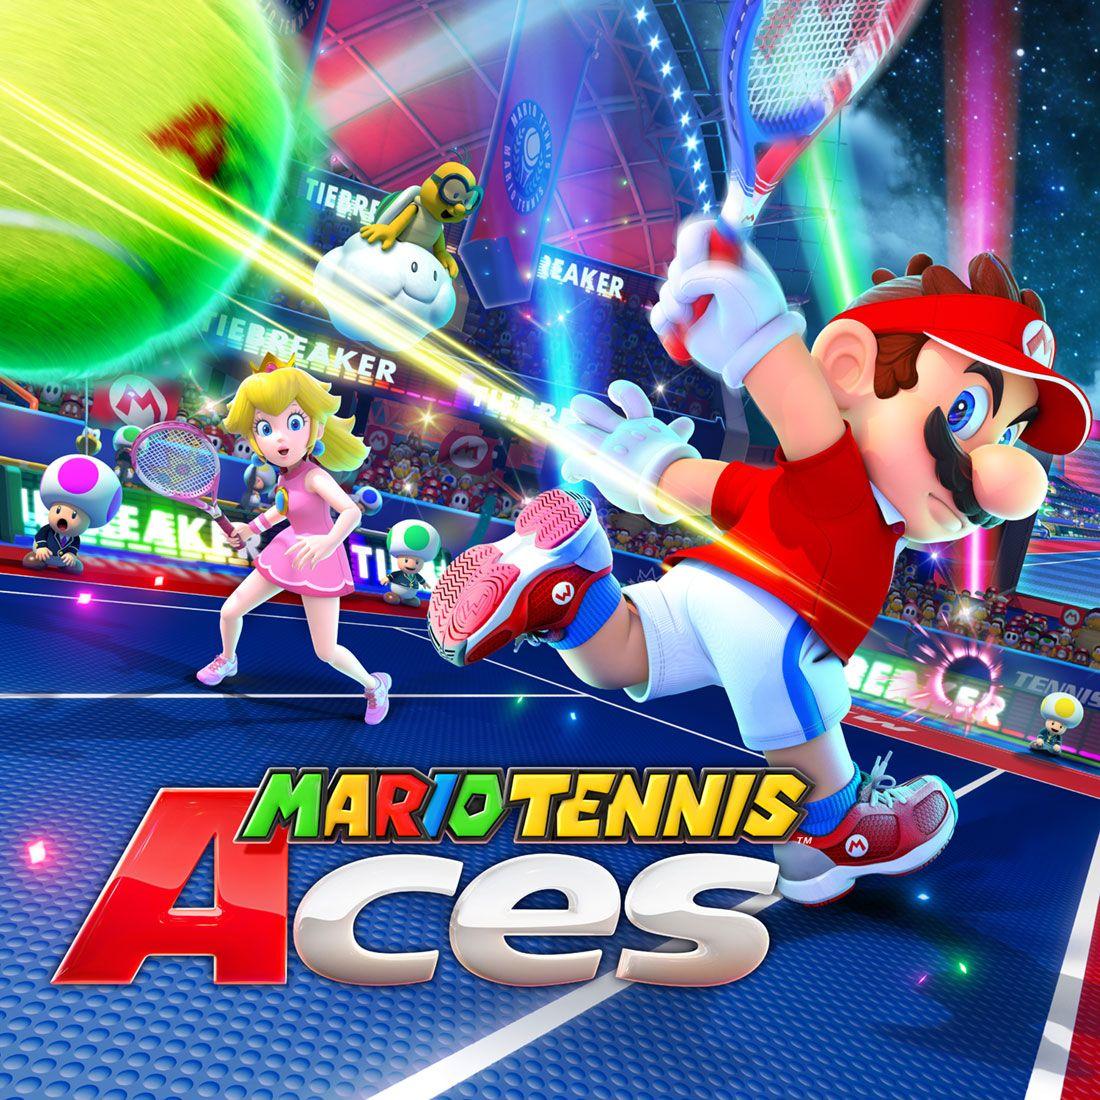 Box Art From Mario Tennis Aces Illustration Artwork Gaming Videogames Mario Super Mario Bros Mario Party Games